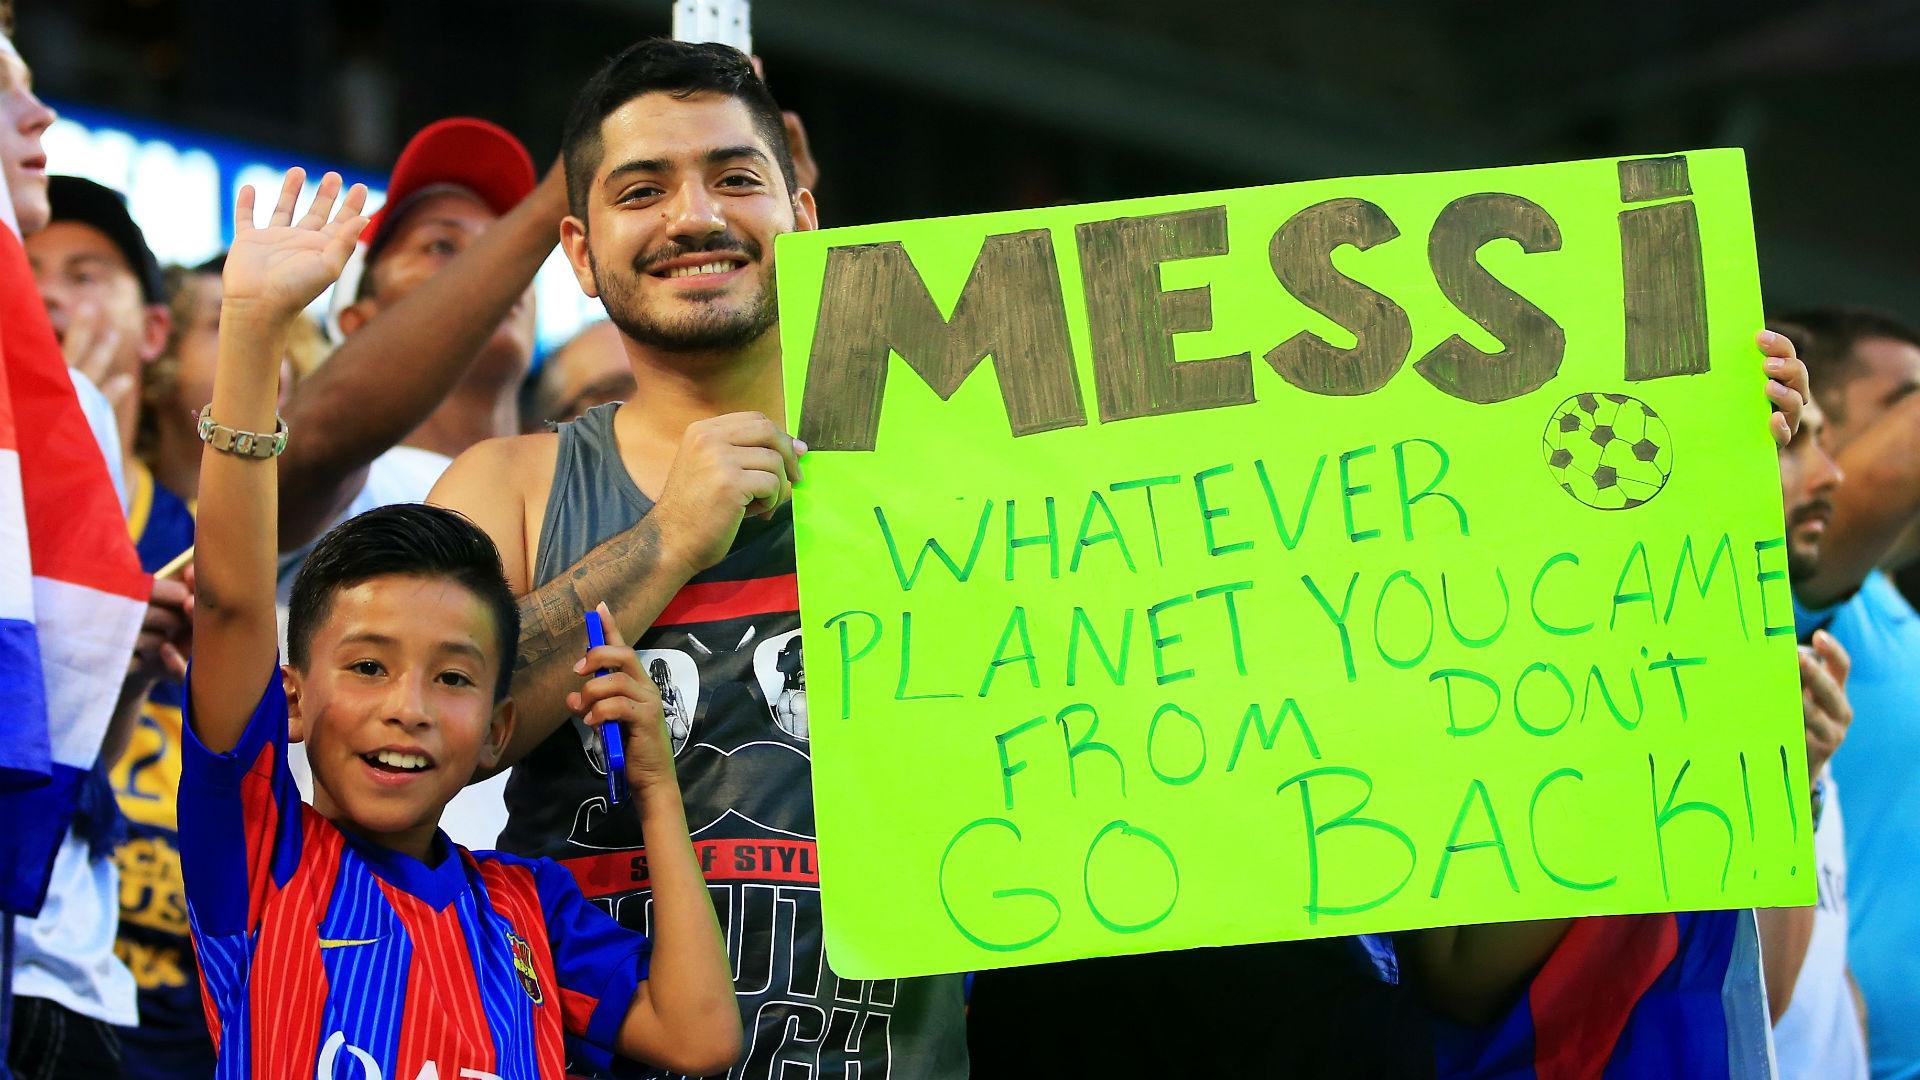 Lionel Messi fans in Miami